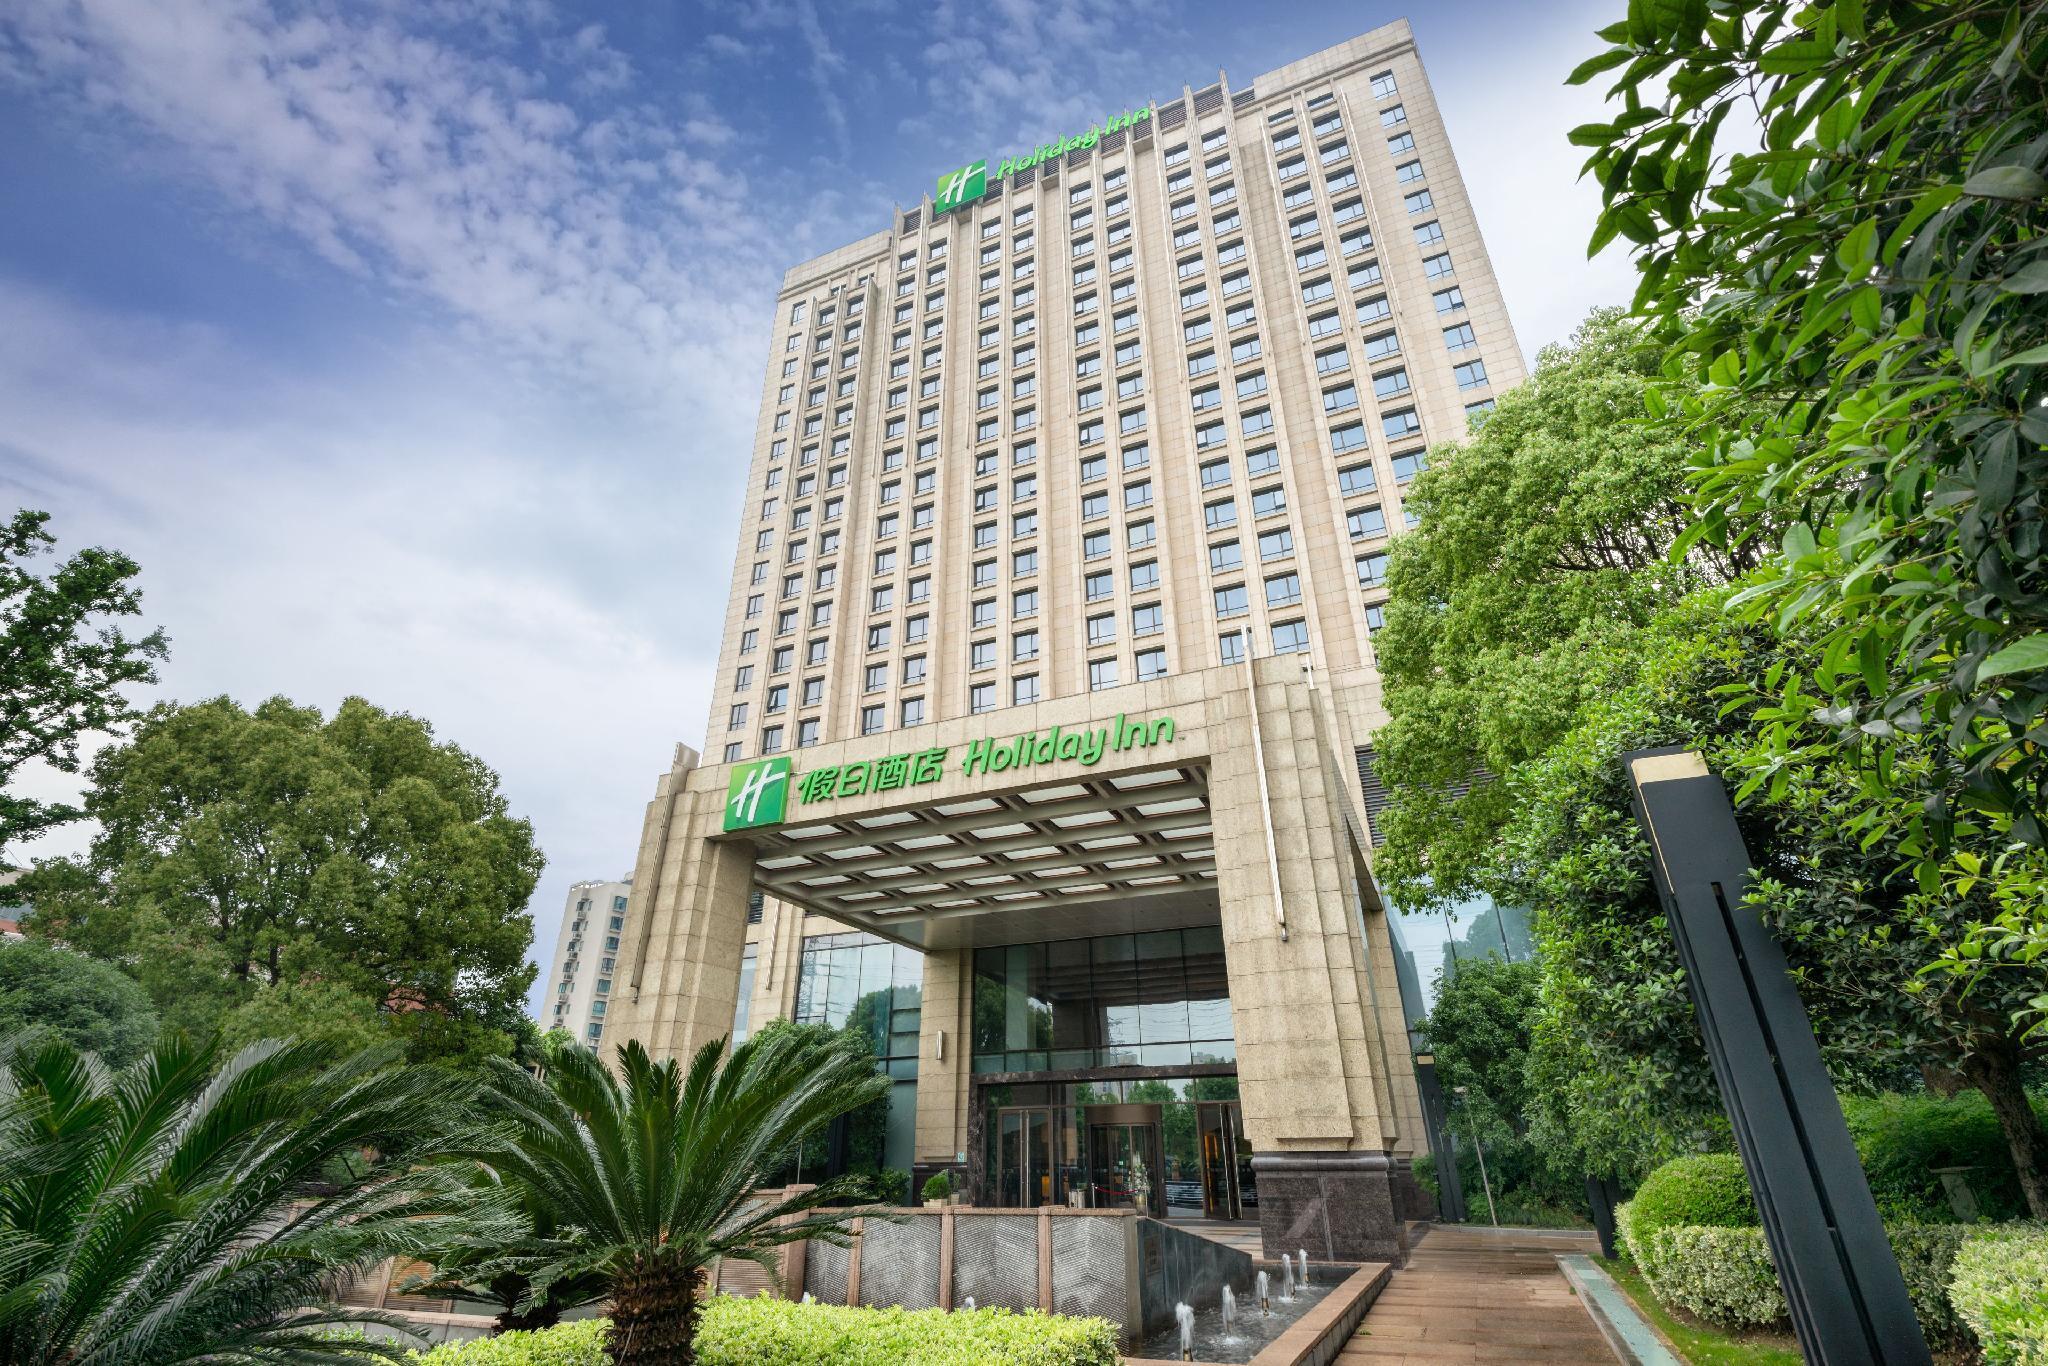 Jinxiu Holiday Inn Shanghai